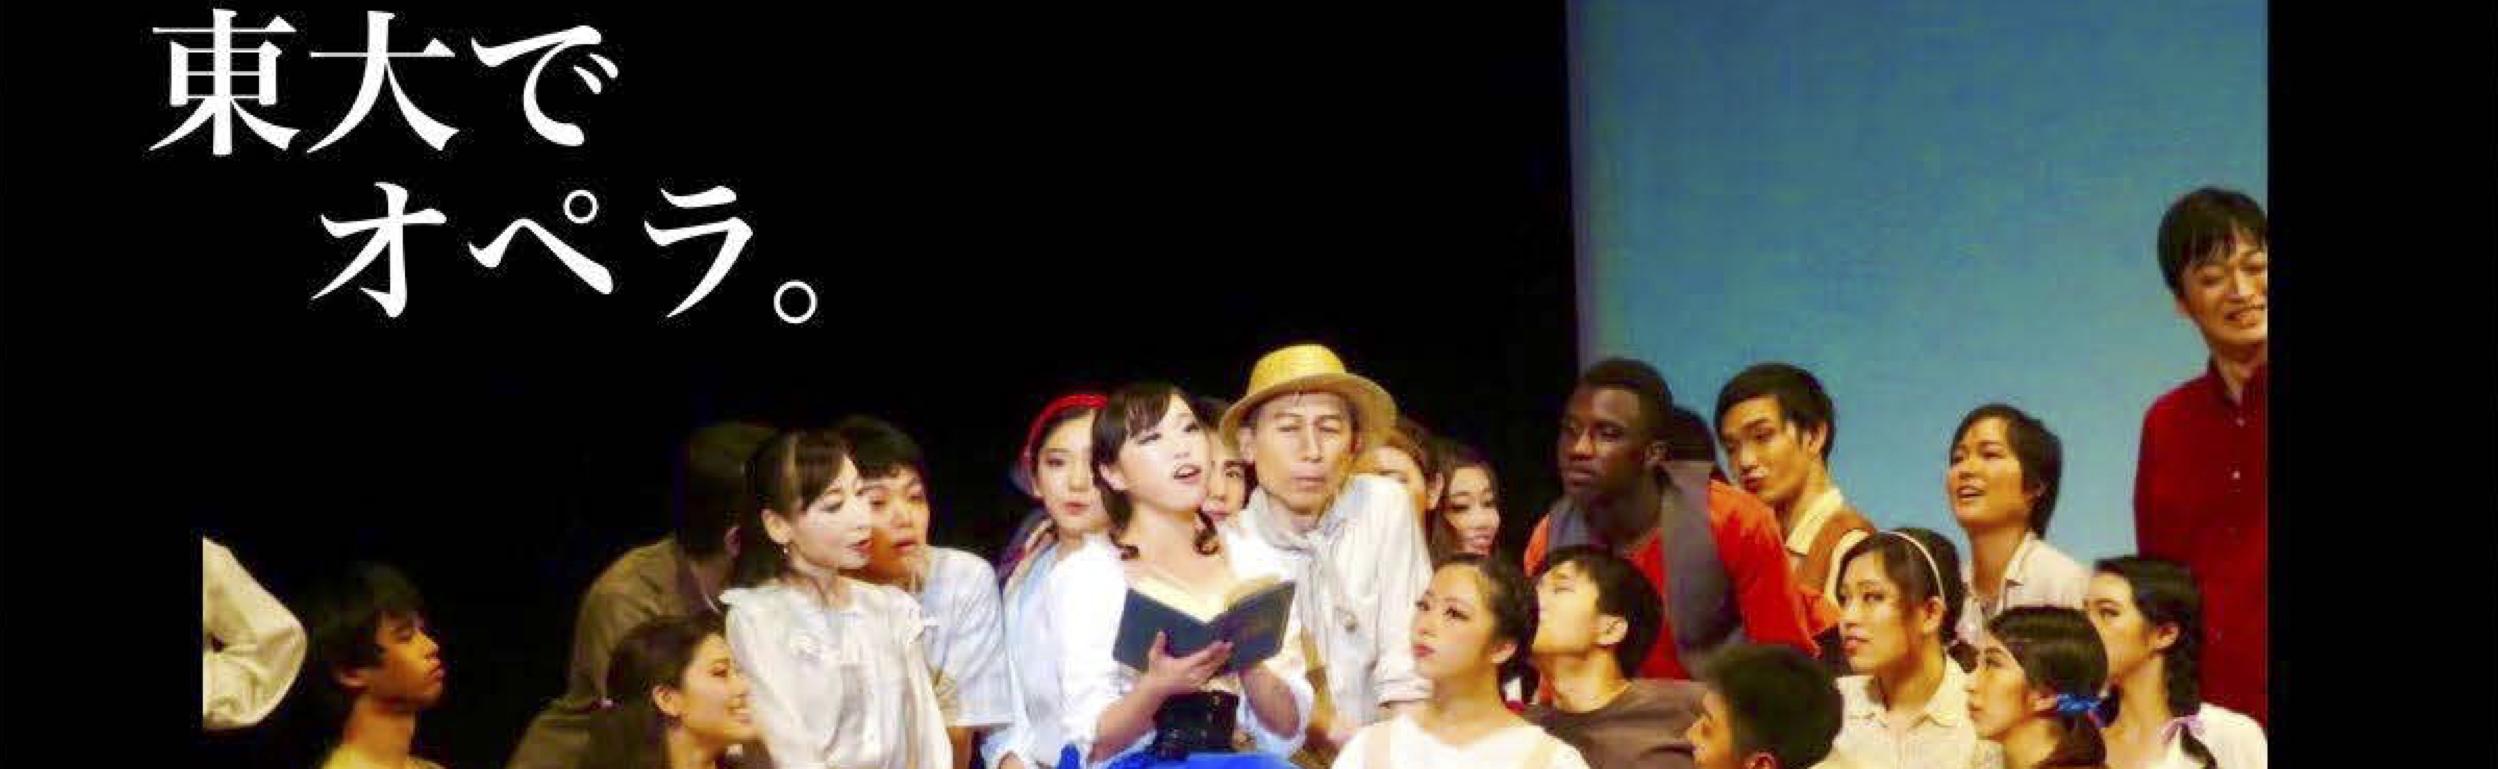 東京大学歌劇団 – The University of Tokyo Opera Theater